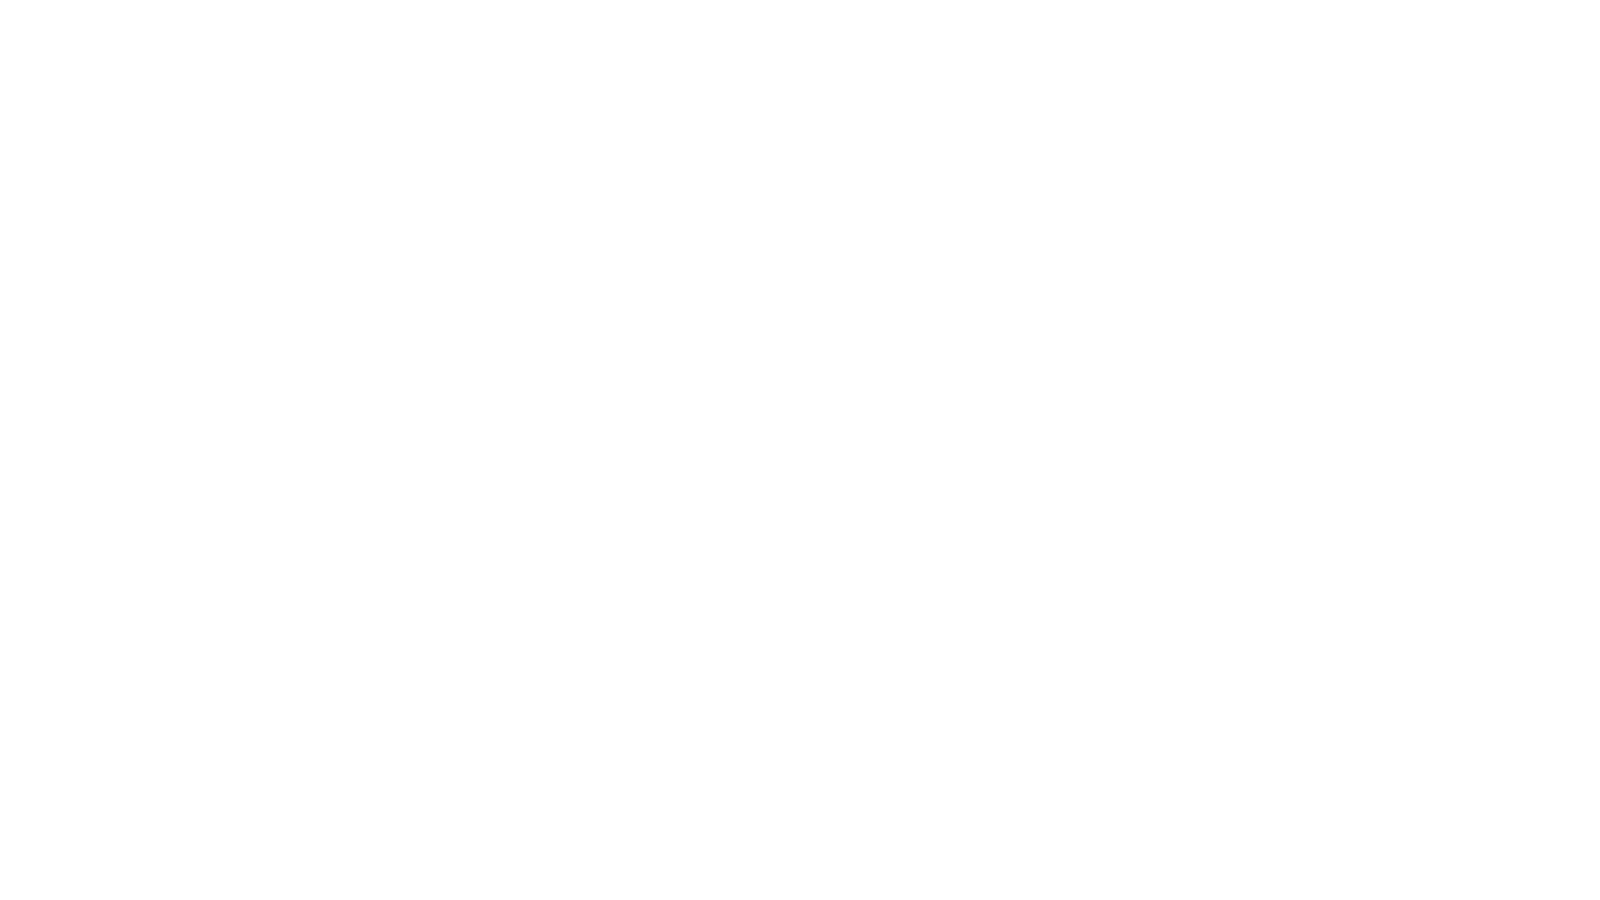 """Encuentro con Jorge Poveda Arias, Investigador Postdoctoral en la Misión Biológica de Galicia (CSIC), para charlar sobre sus libros de divulgación científica, el último de los cuales acaba de ver la luz """"PERO... ¿QUÉ ESTAMOS COMIENDO?: Curiosidades sobre los alimentos de nuestro día a día"""". ¡Te esperamos!"""